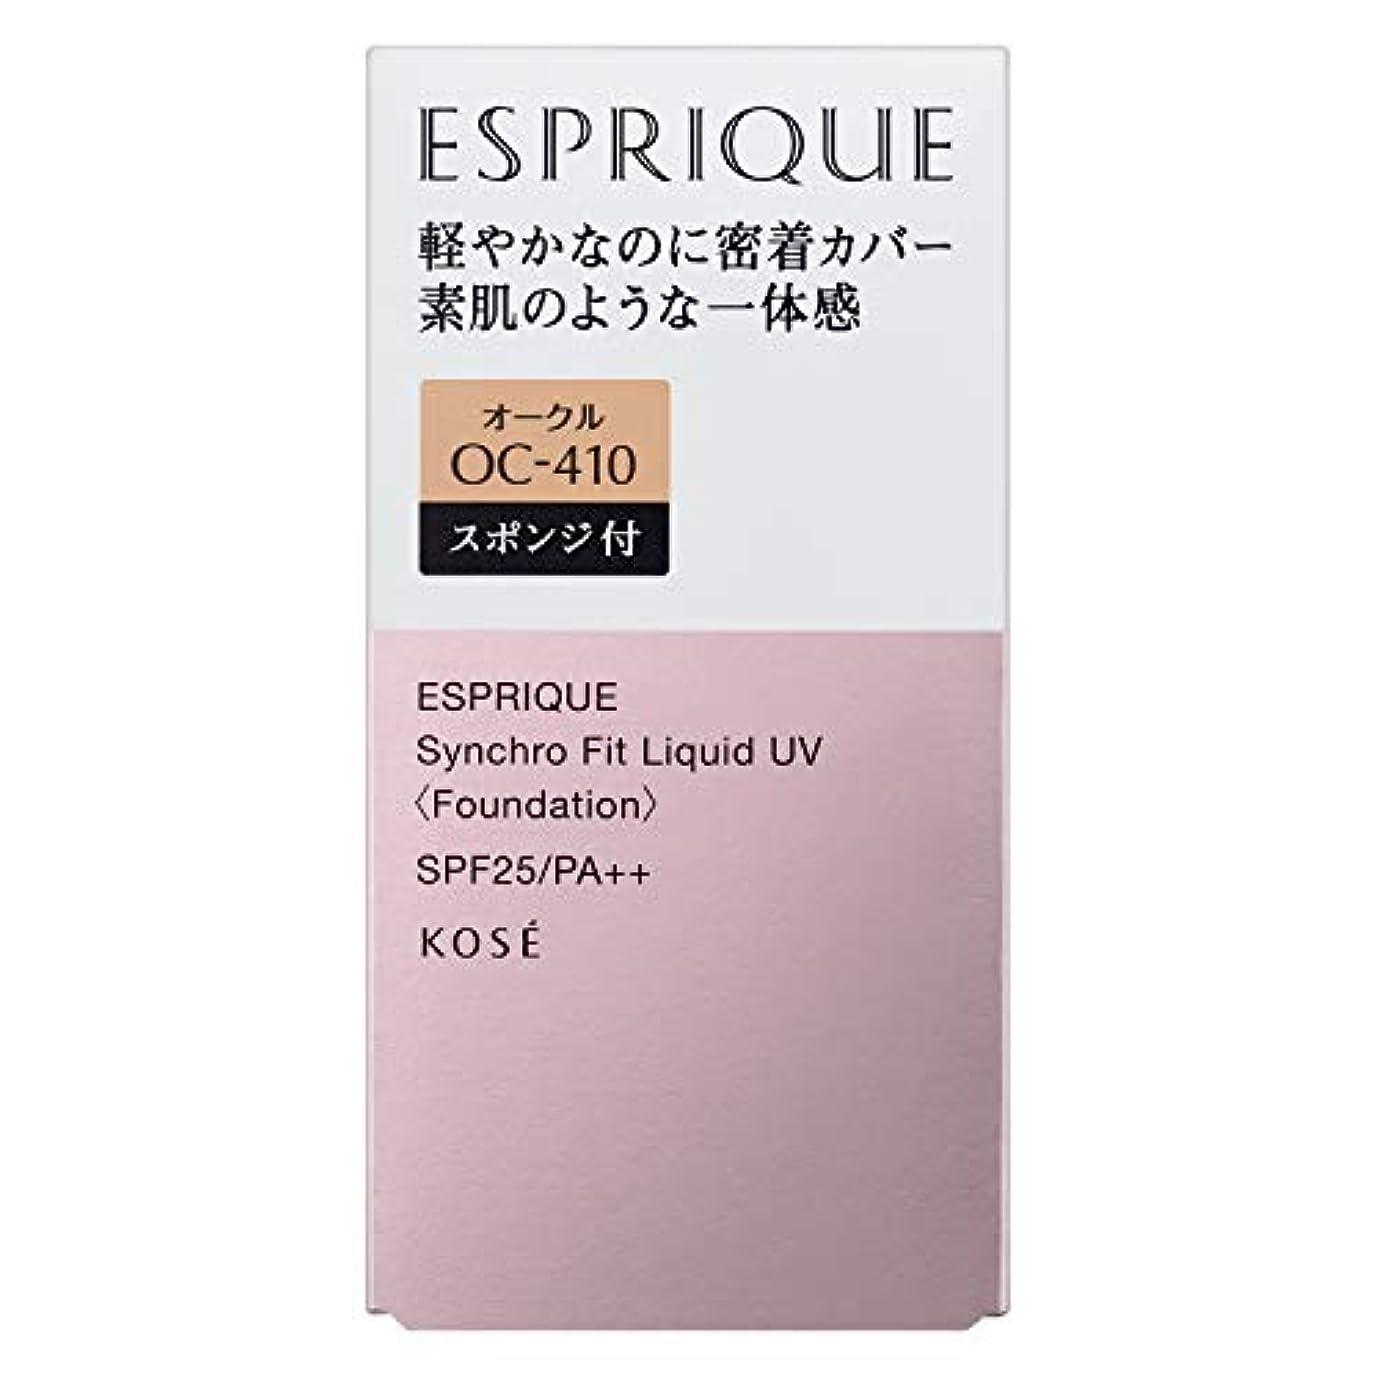 体系的に細部半径ESPRIQUE(エスプリーク) エスプリーク シンクロフィット リキッド UV ファンデーション 無香料 OC-410 オークル 30g